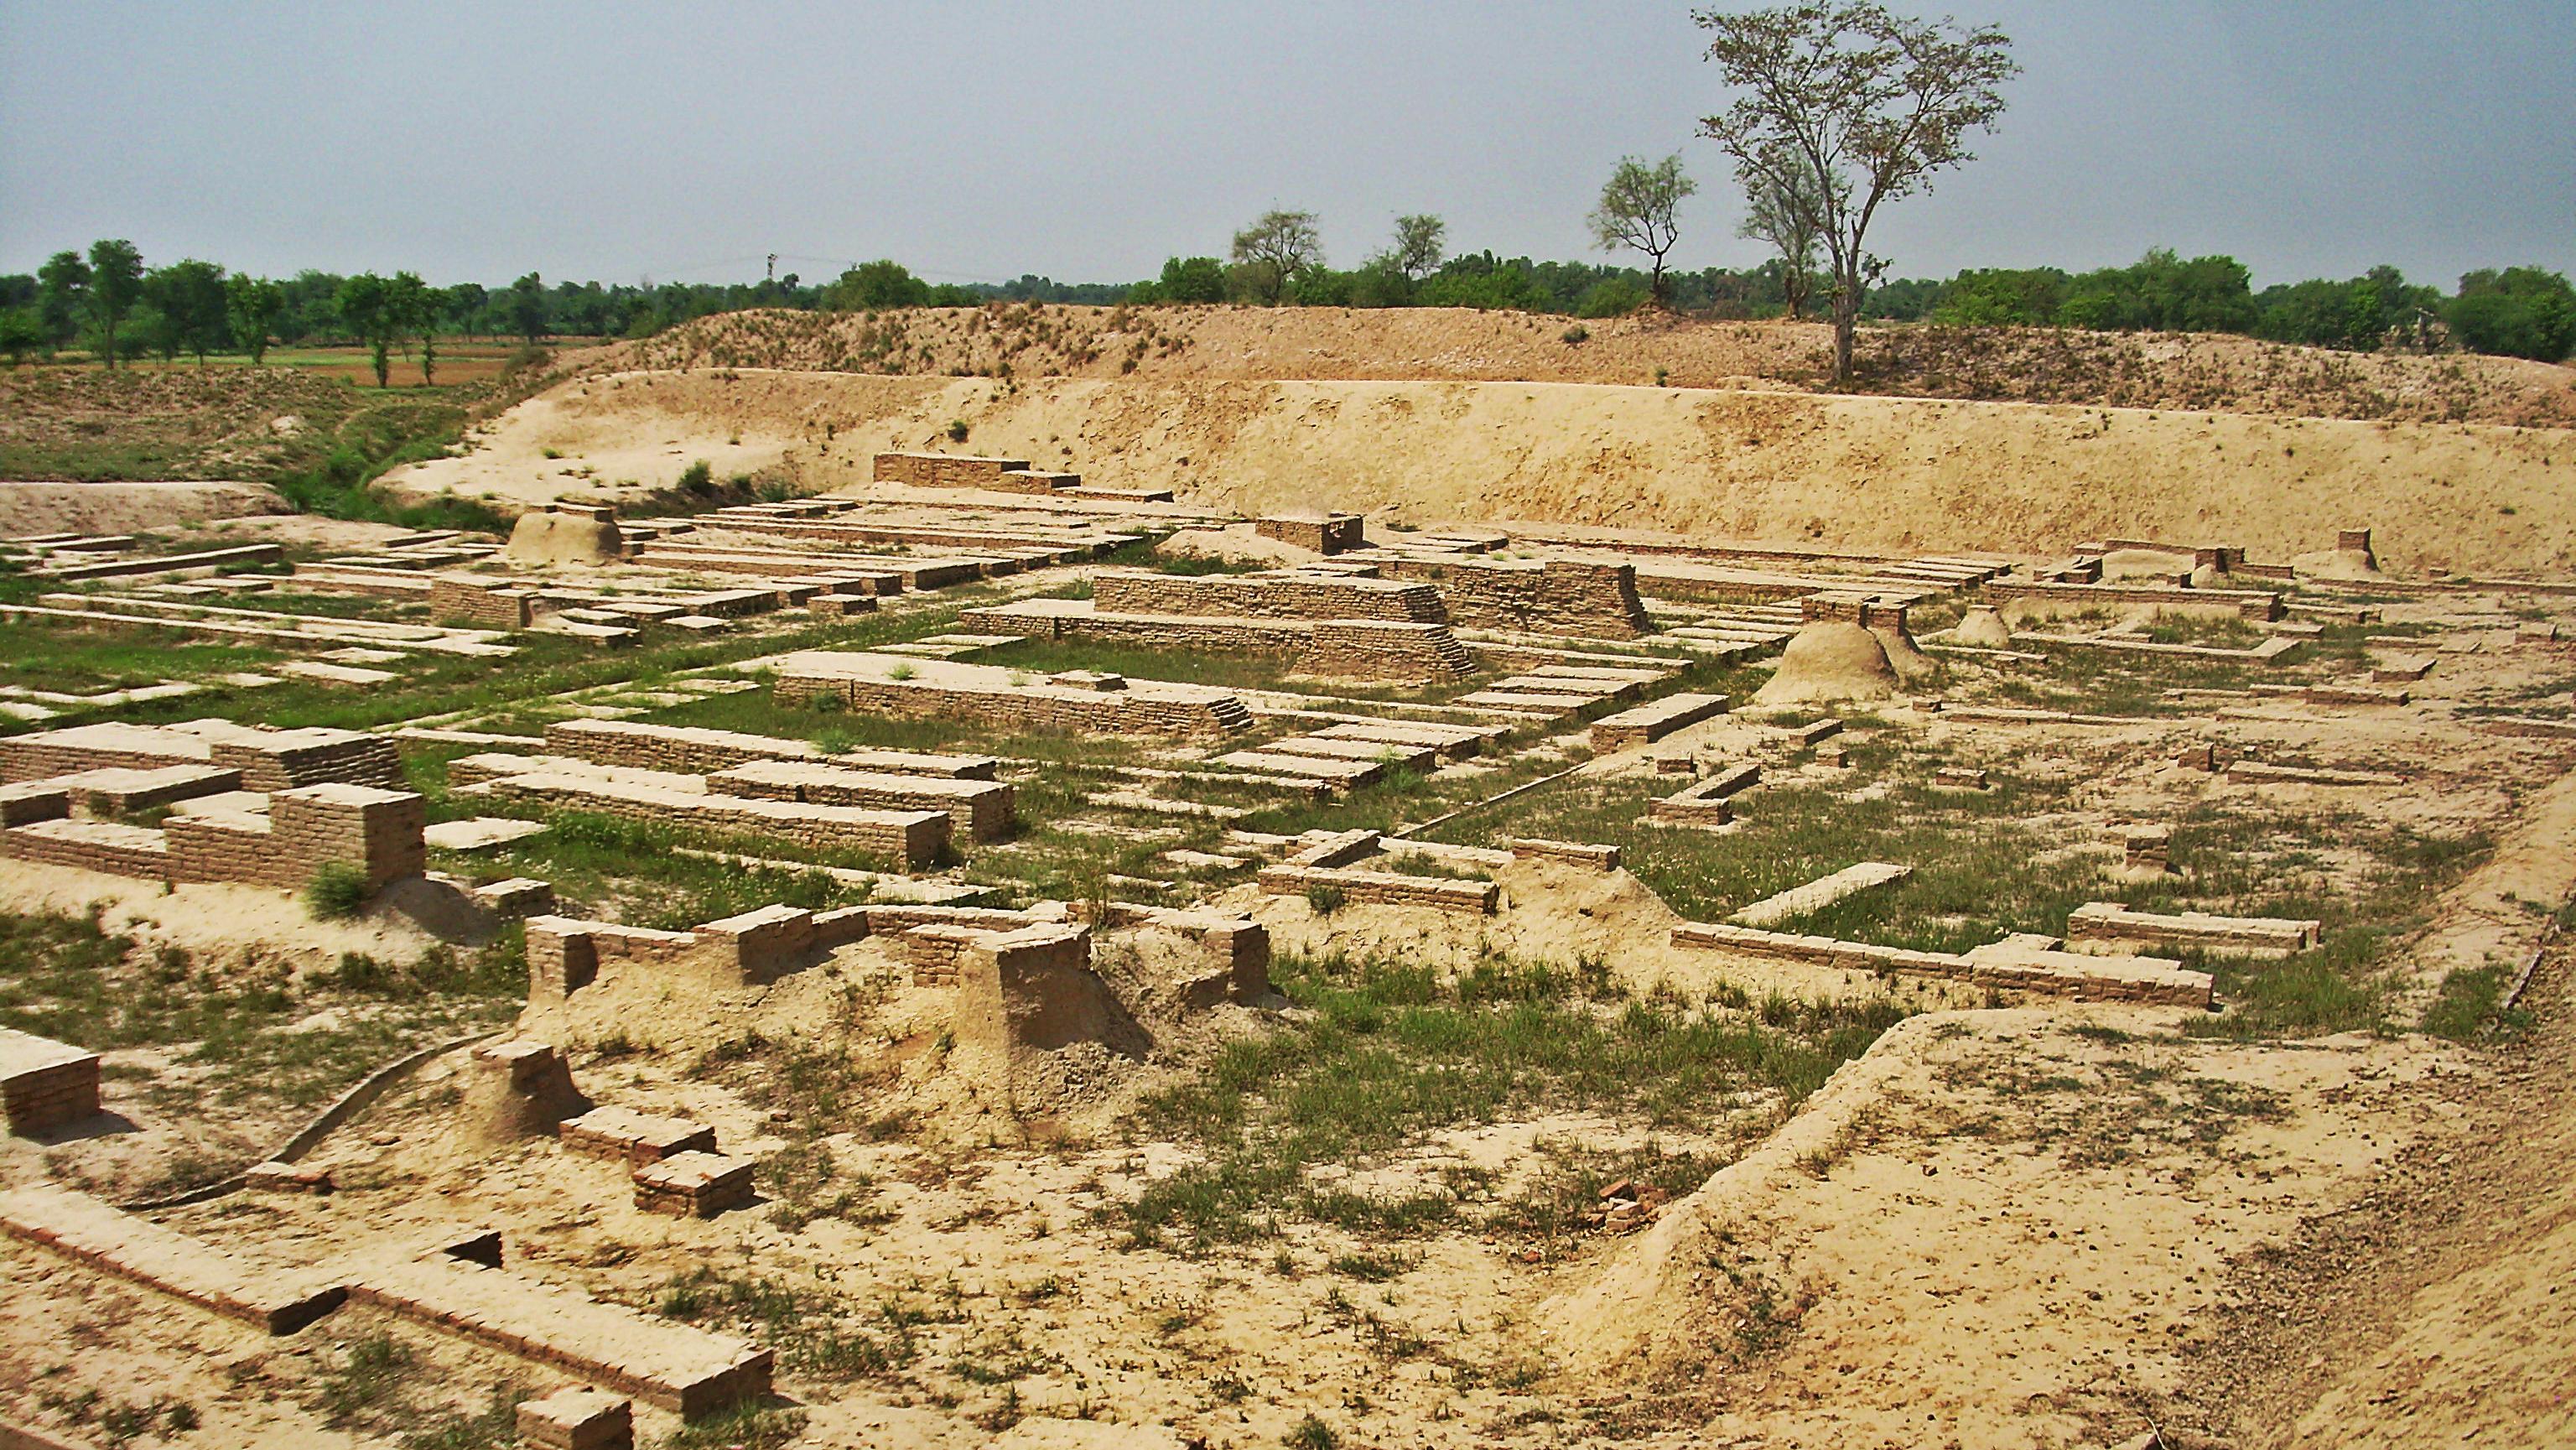 Ruins of Harappa